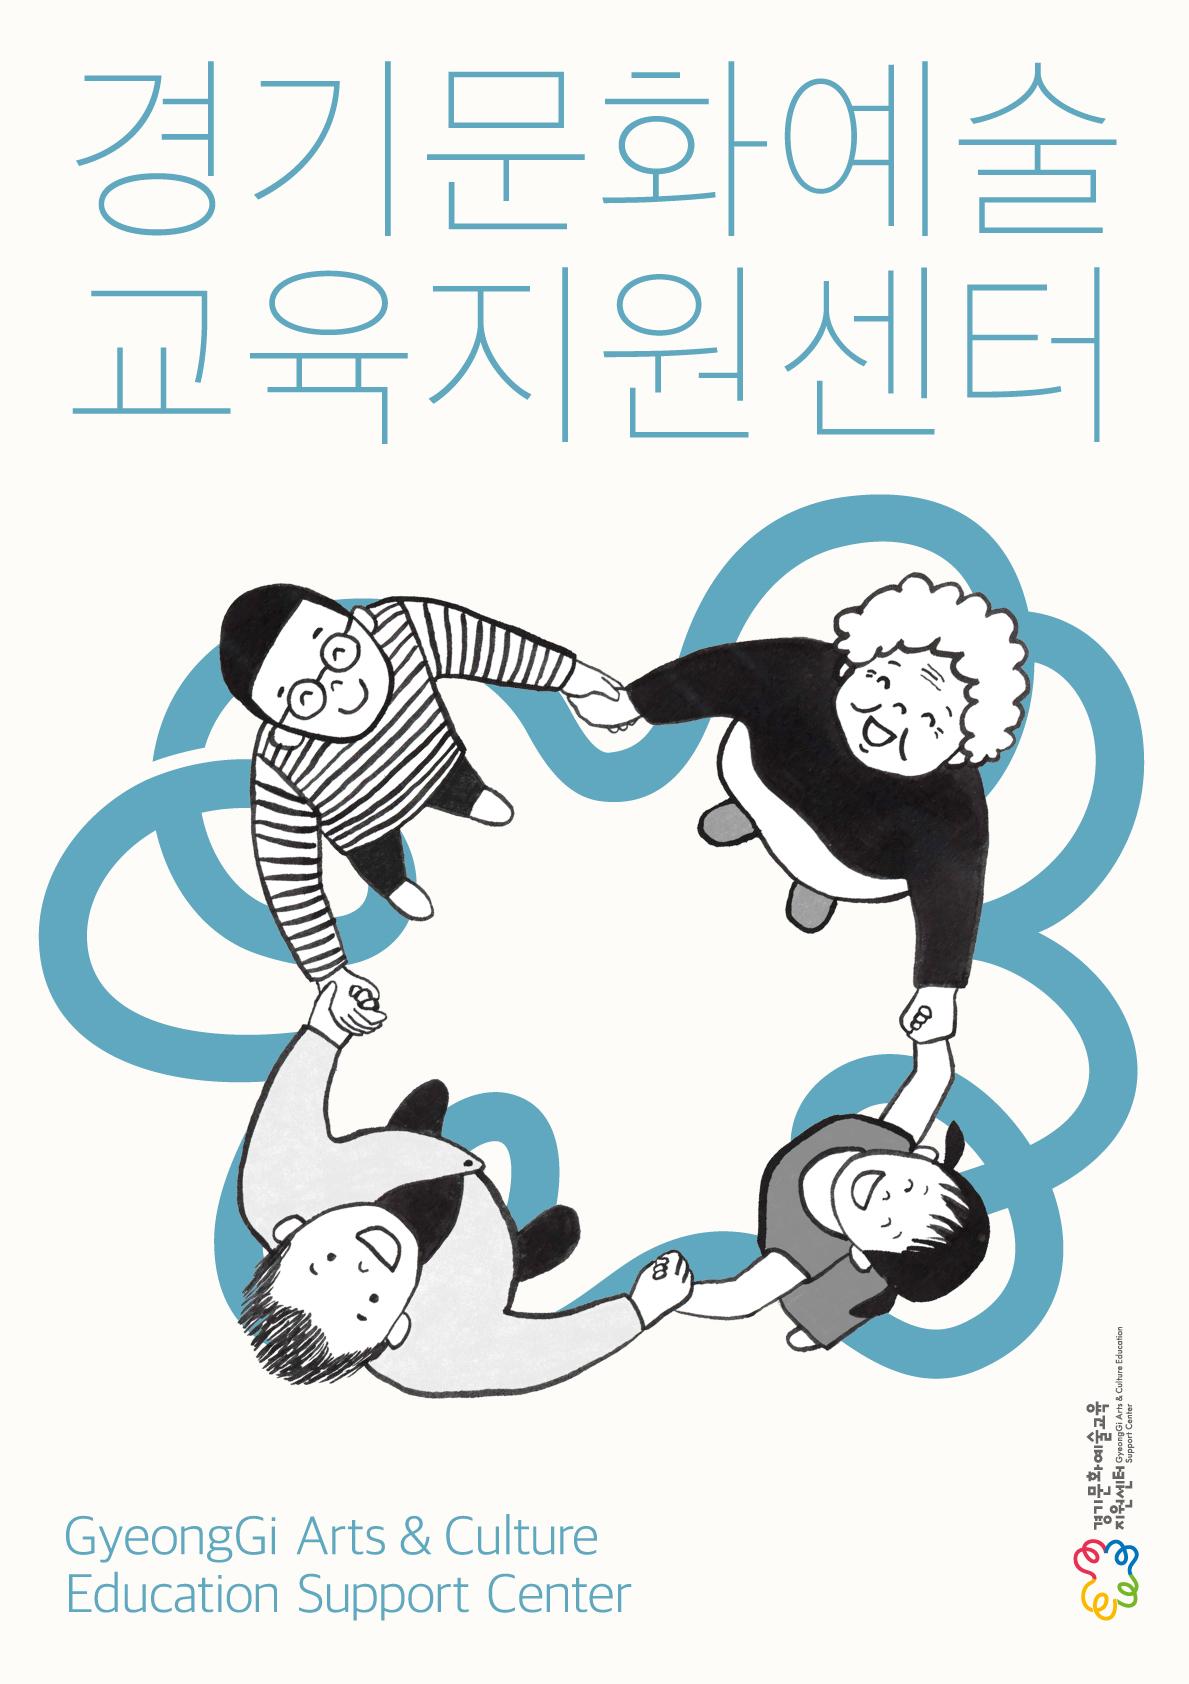 경기문화재단-리플렛_최종2.jpg